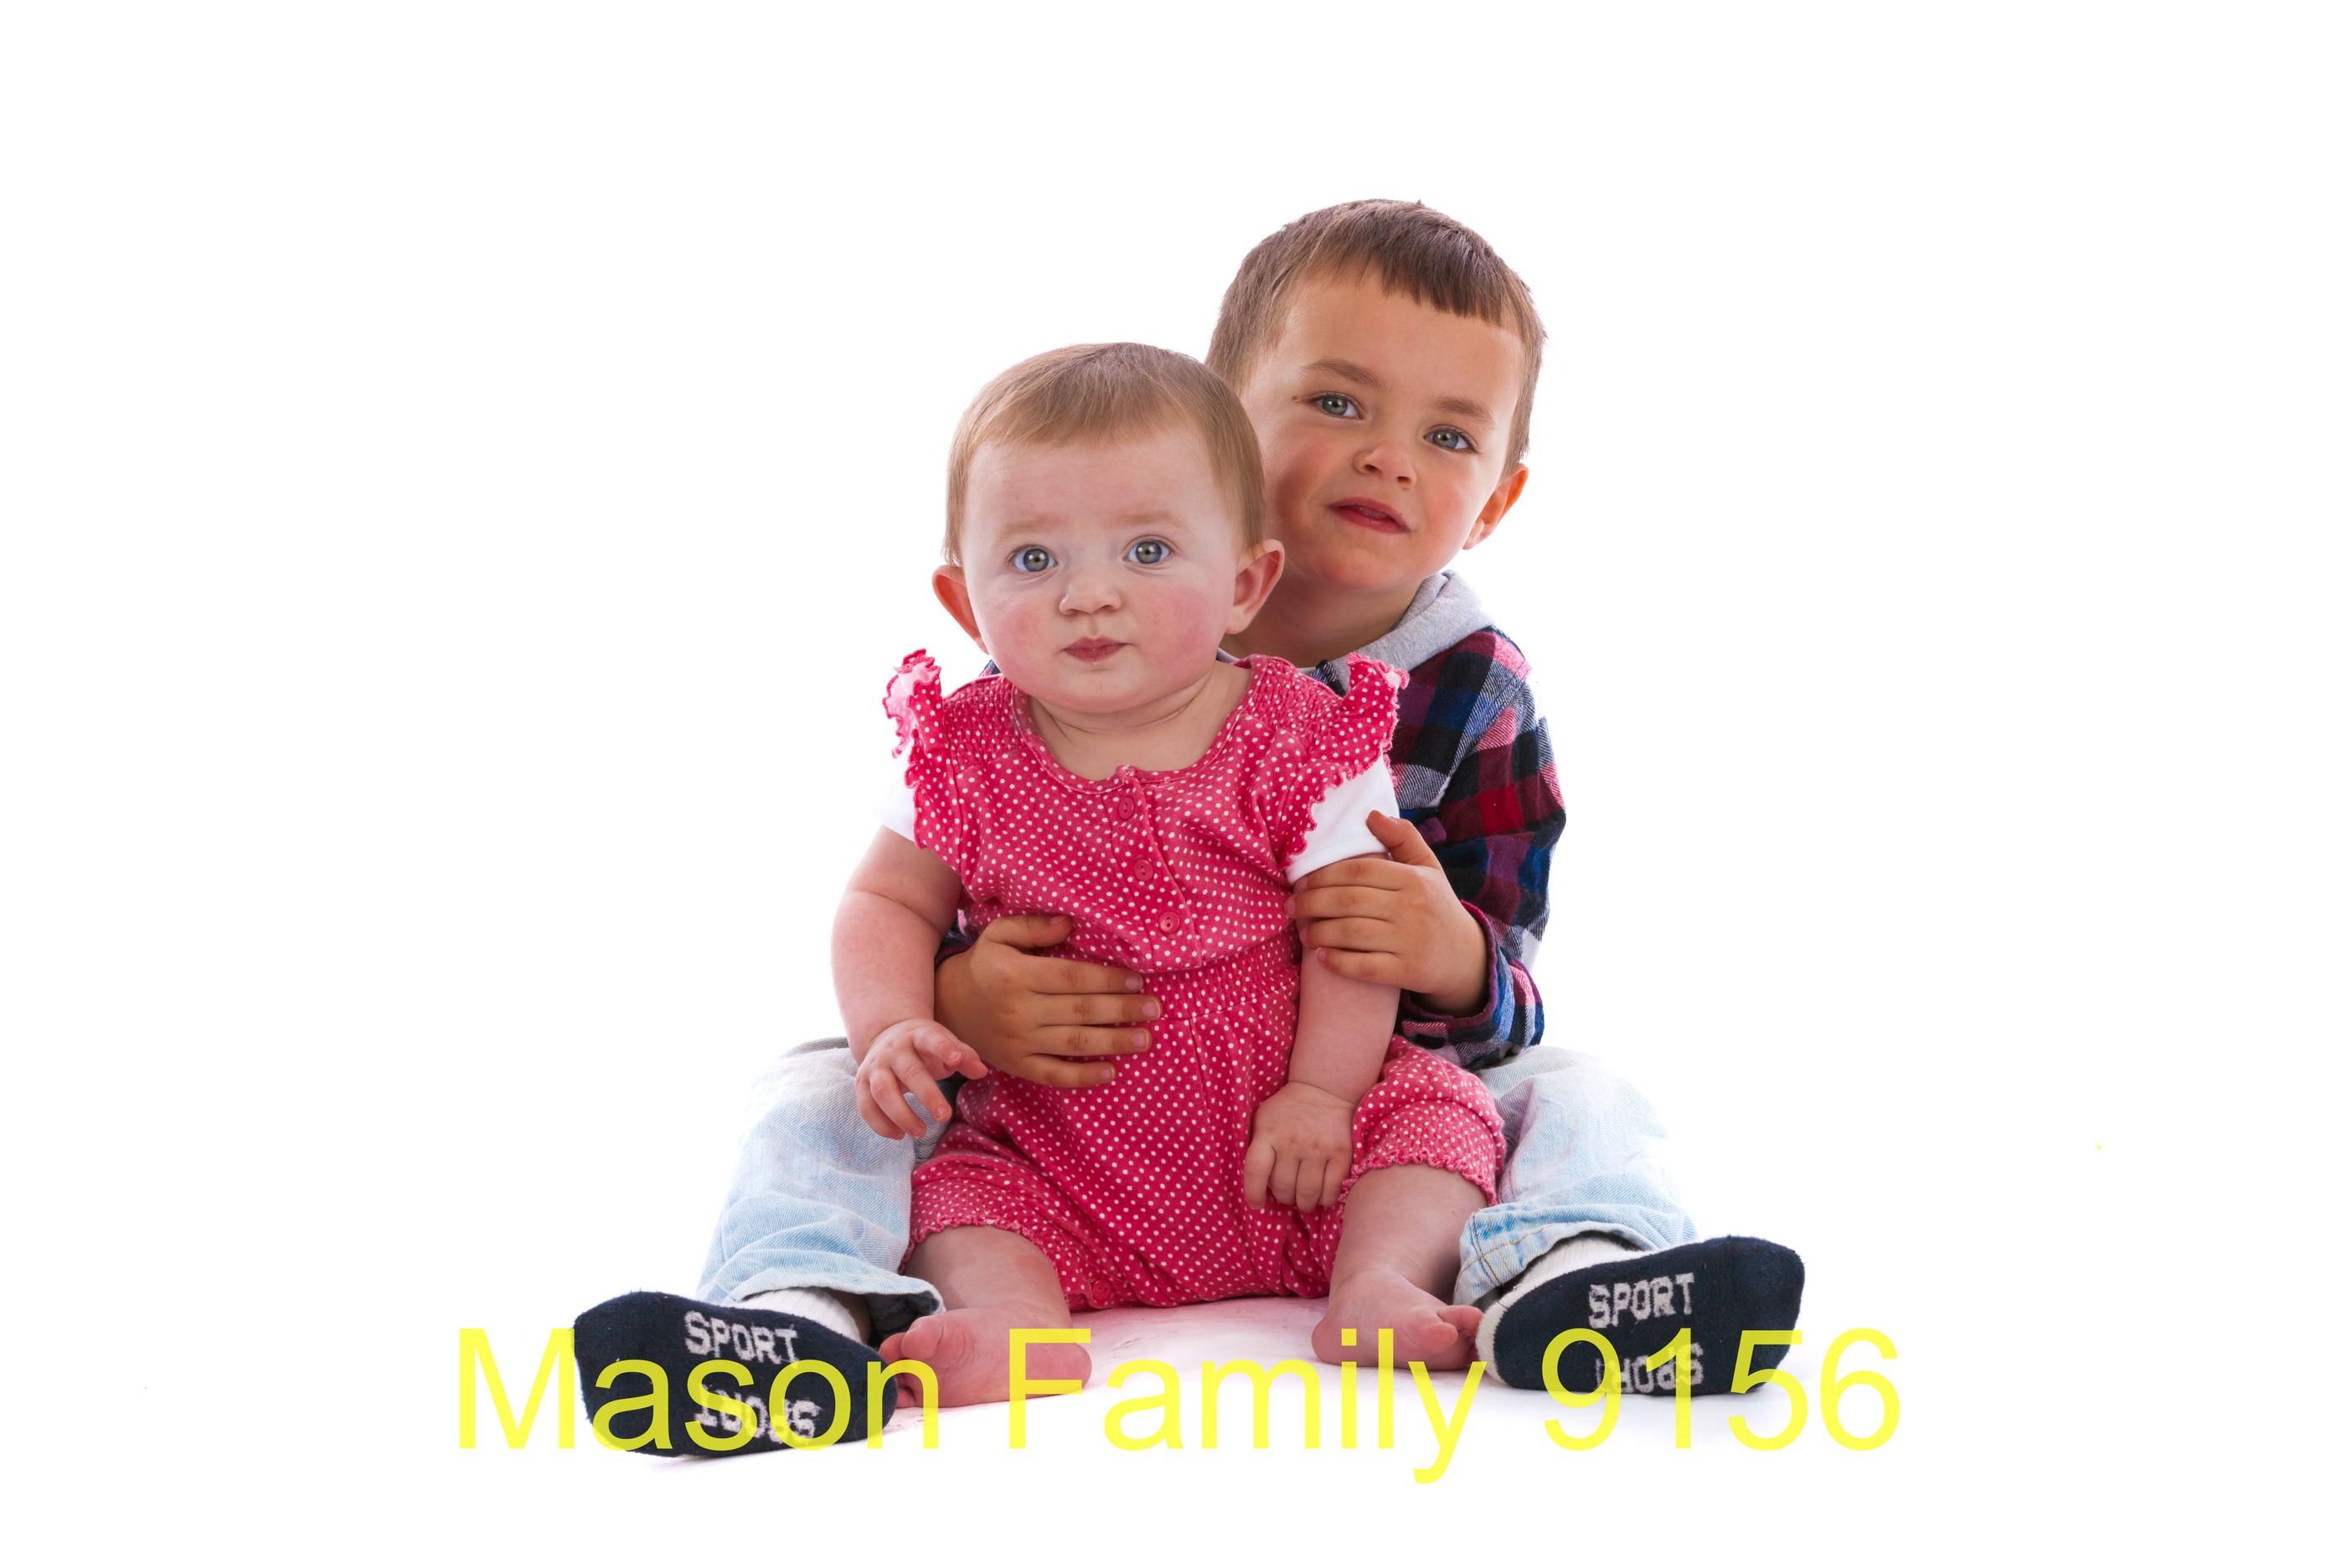 Mason Family 9156